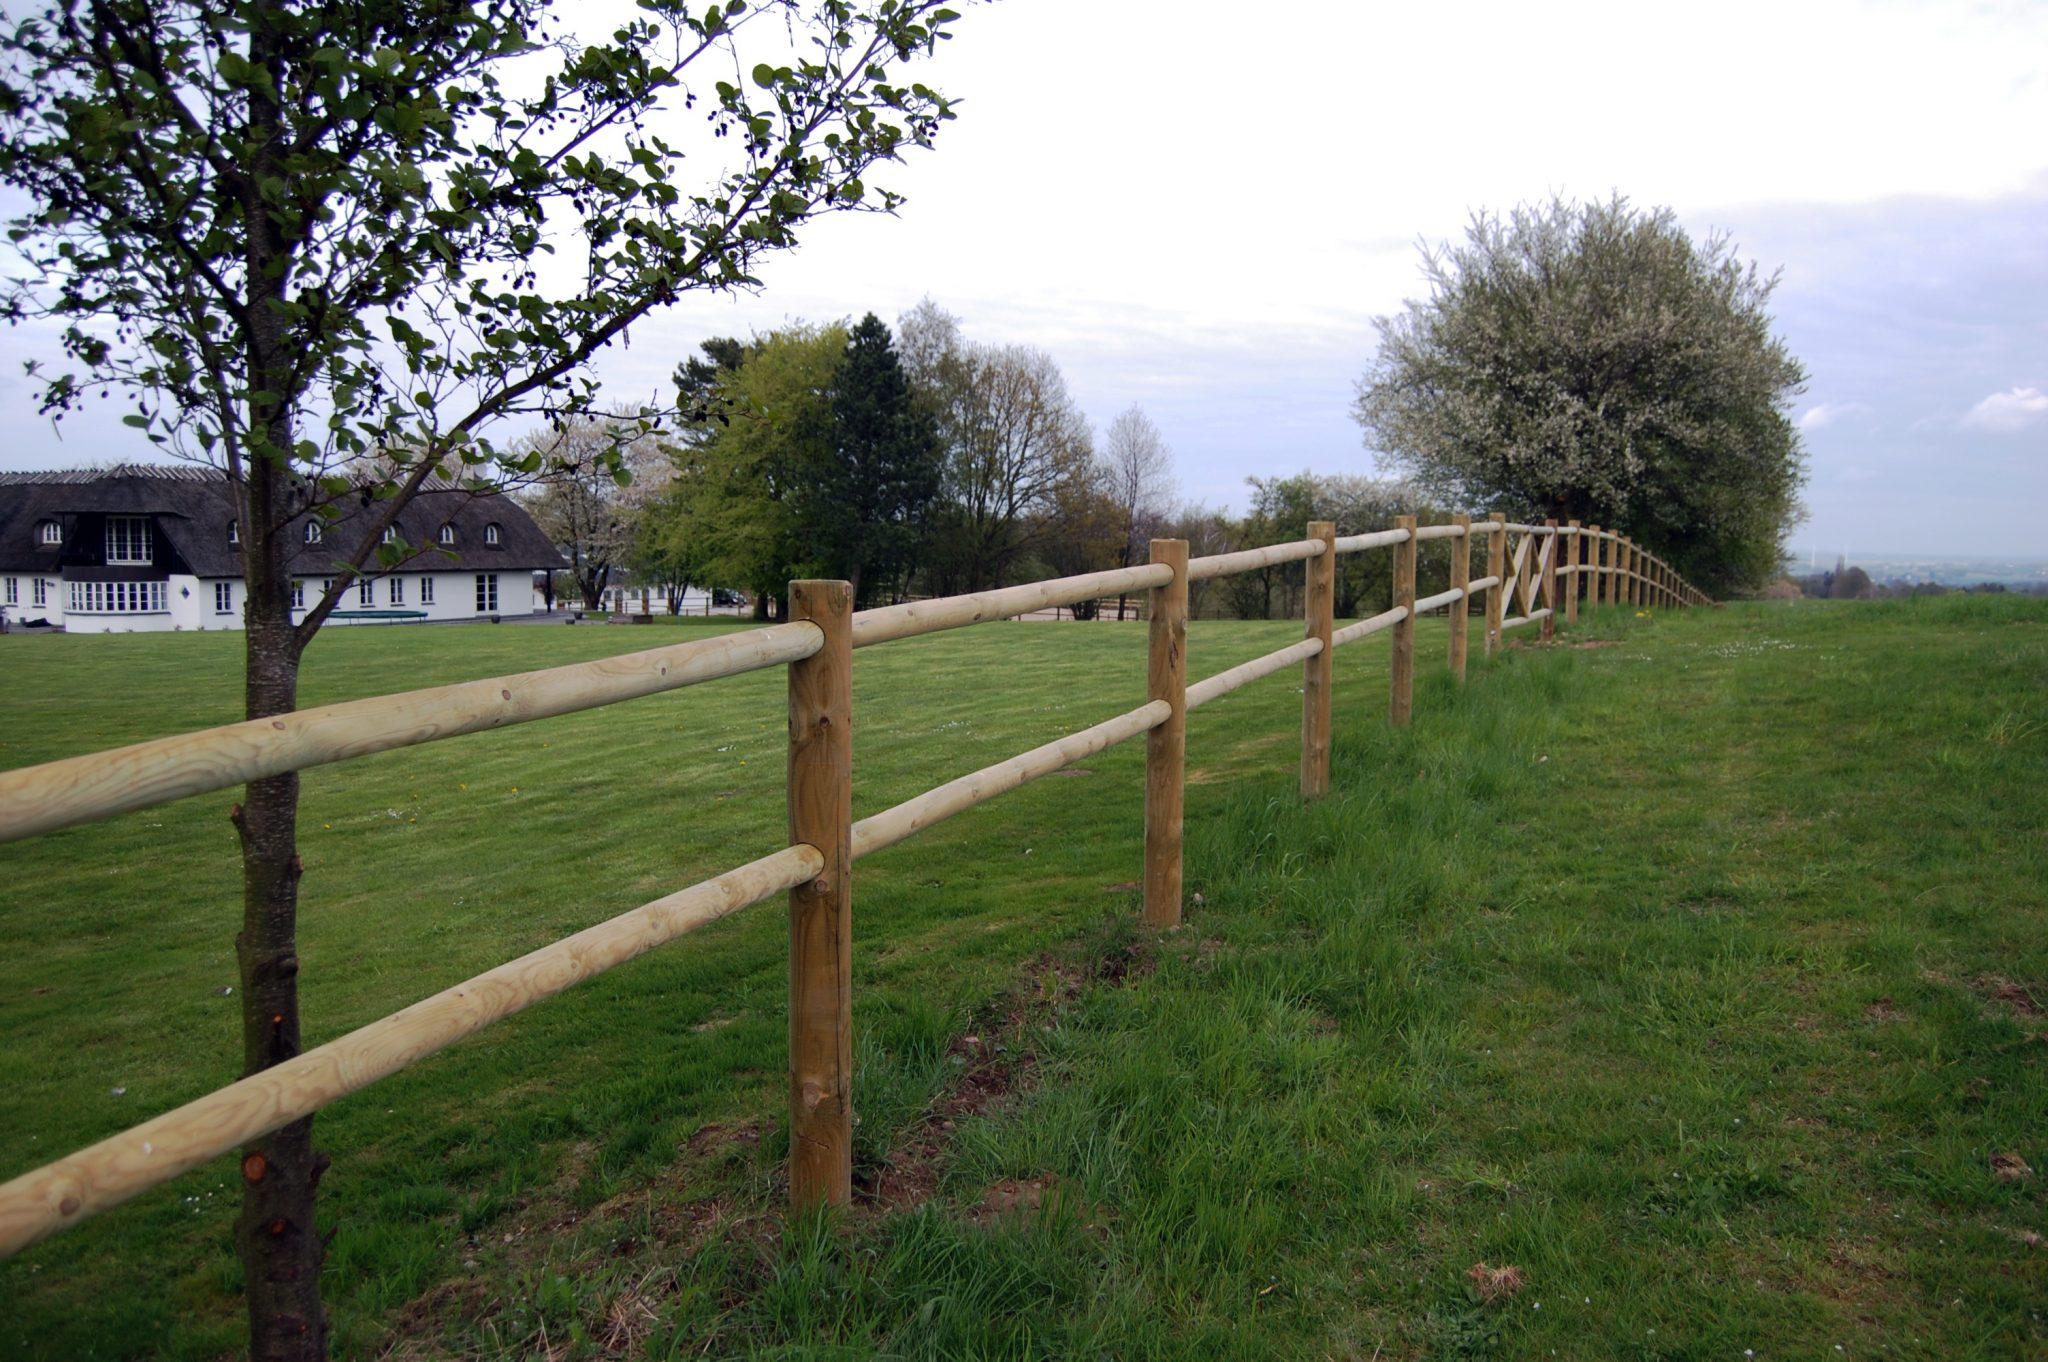 hegn ved græs